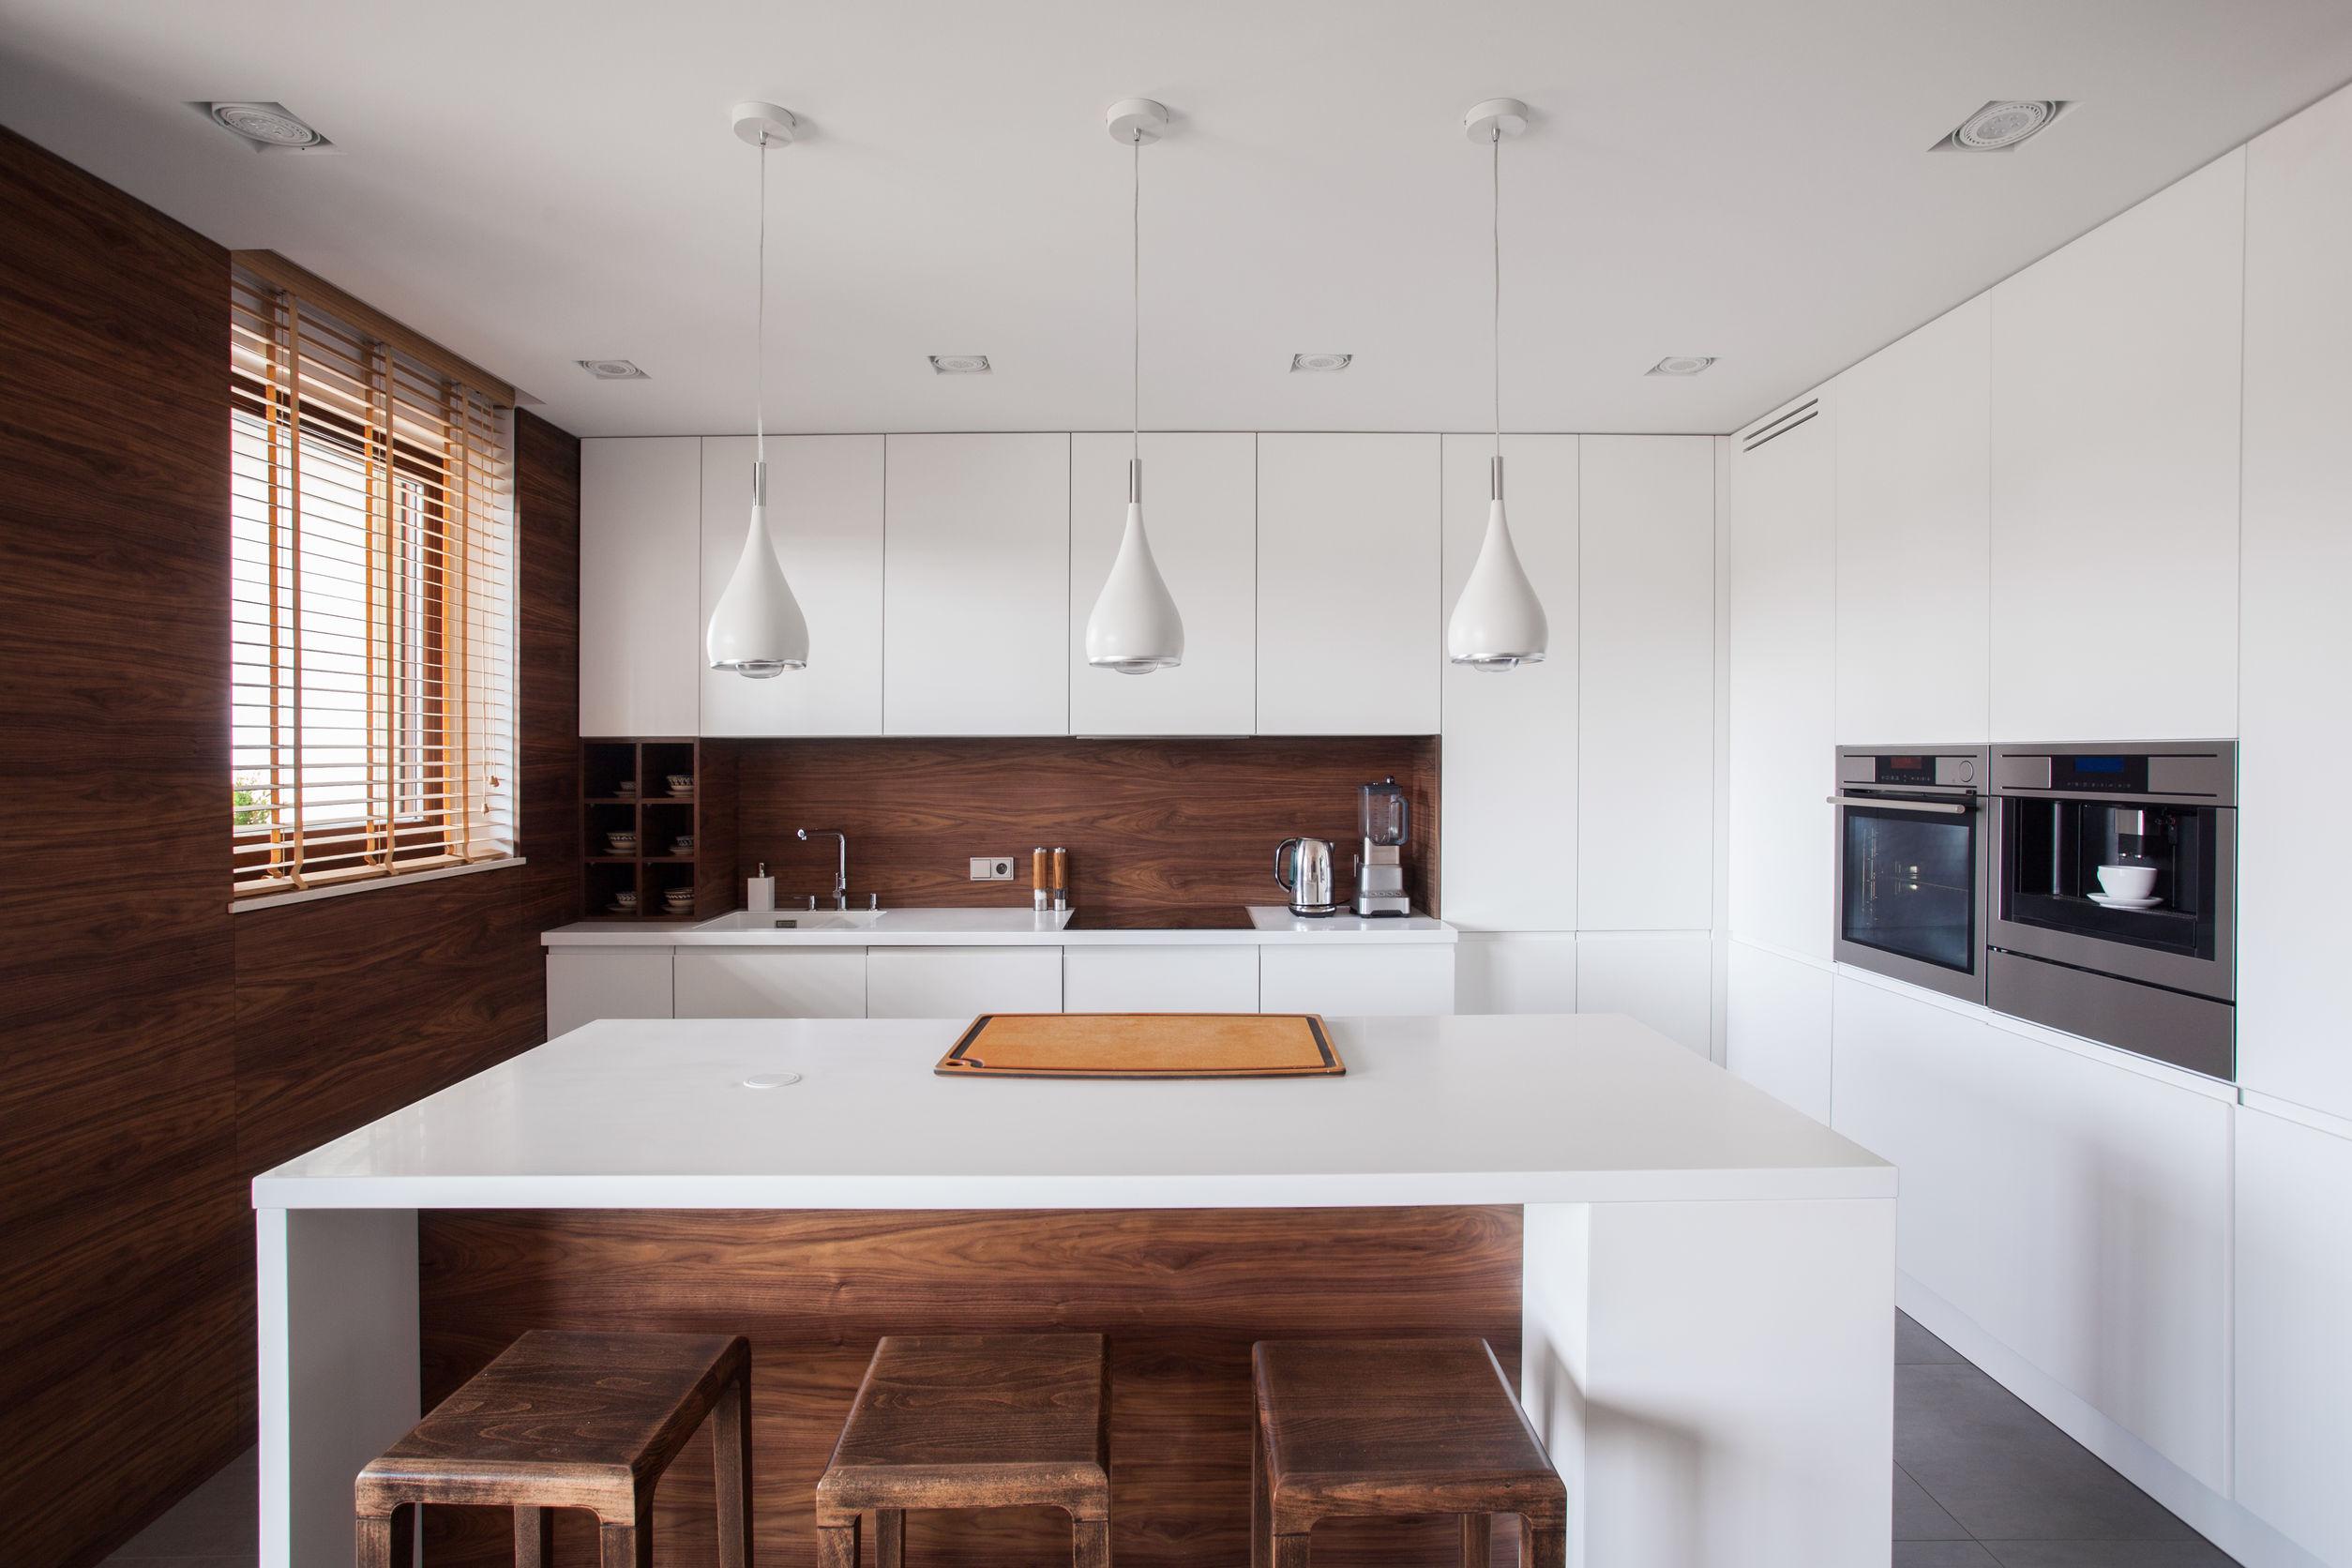 Full Size of Stehlampe Wohnzimmer Deckenlampe Küche Mit Kochinsel Tischlampe Lampe Lampen Badezimmer Betten überlänge Wandlampe Bad Deckenlampen Decke Modern Designer Wohnzimmer Lampe über Kochinsel